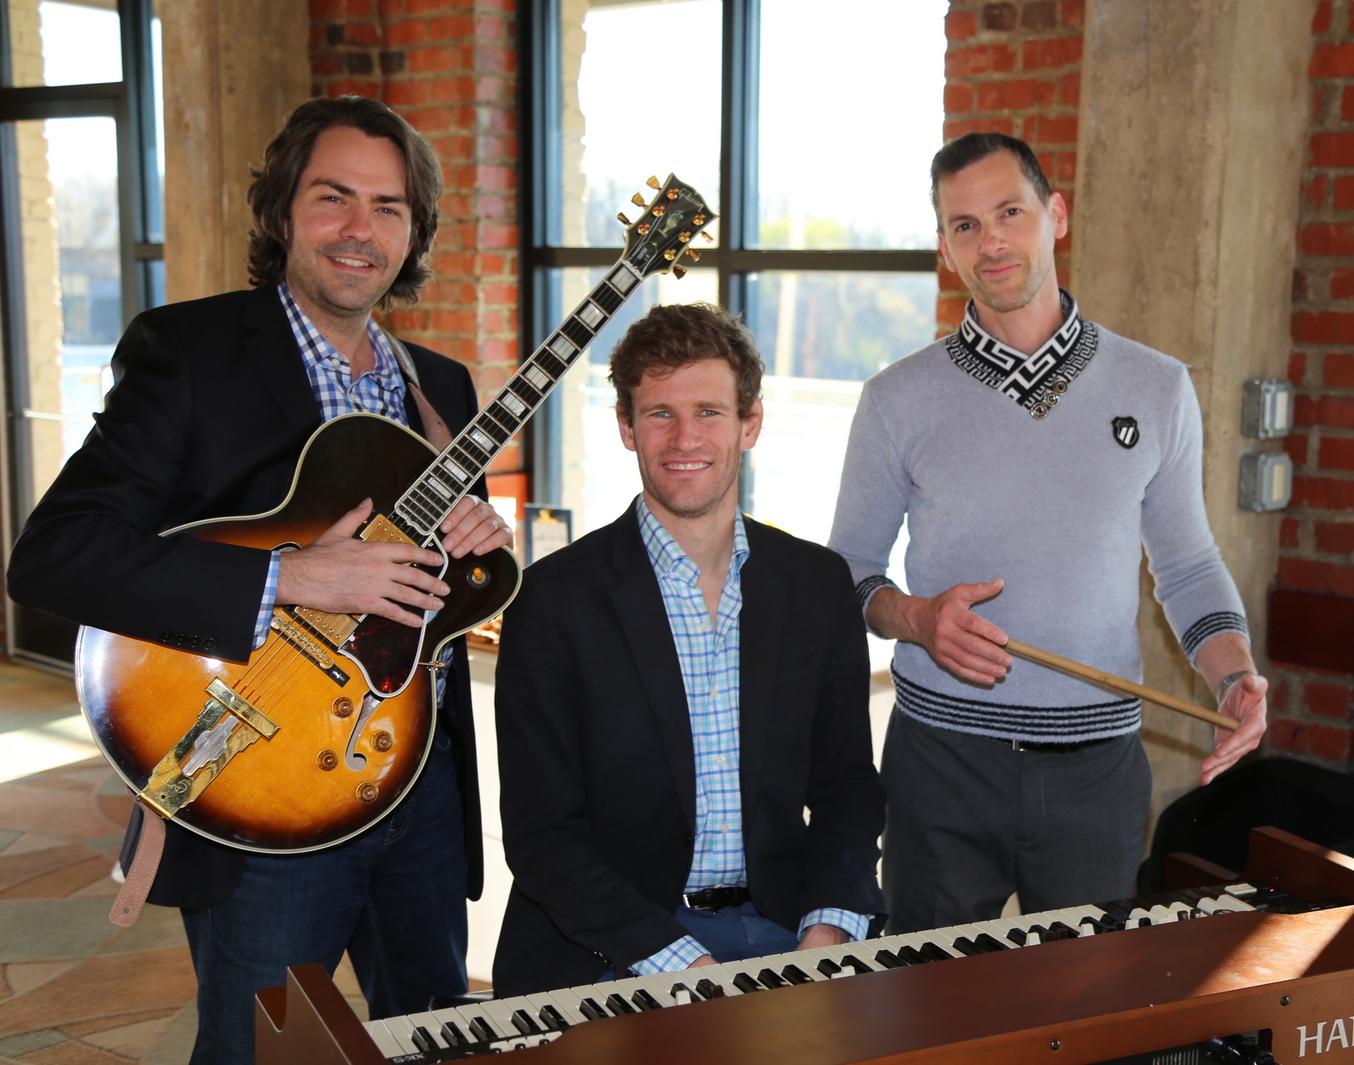 Chris Whiteman Trio w/ Jonah Kane-West & Aaron Binder